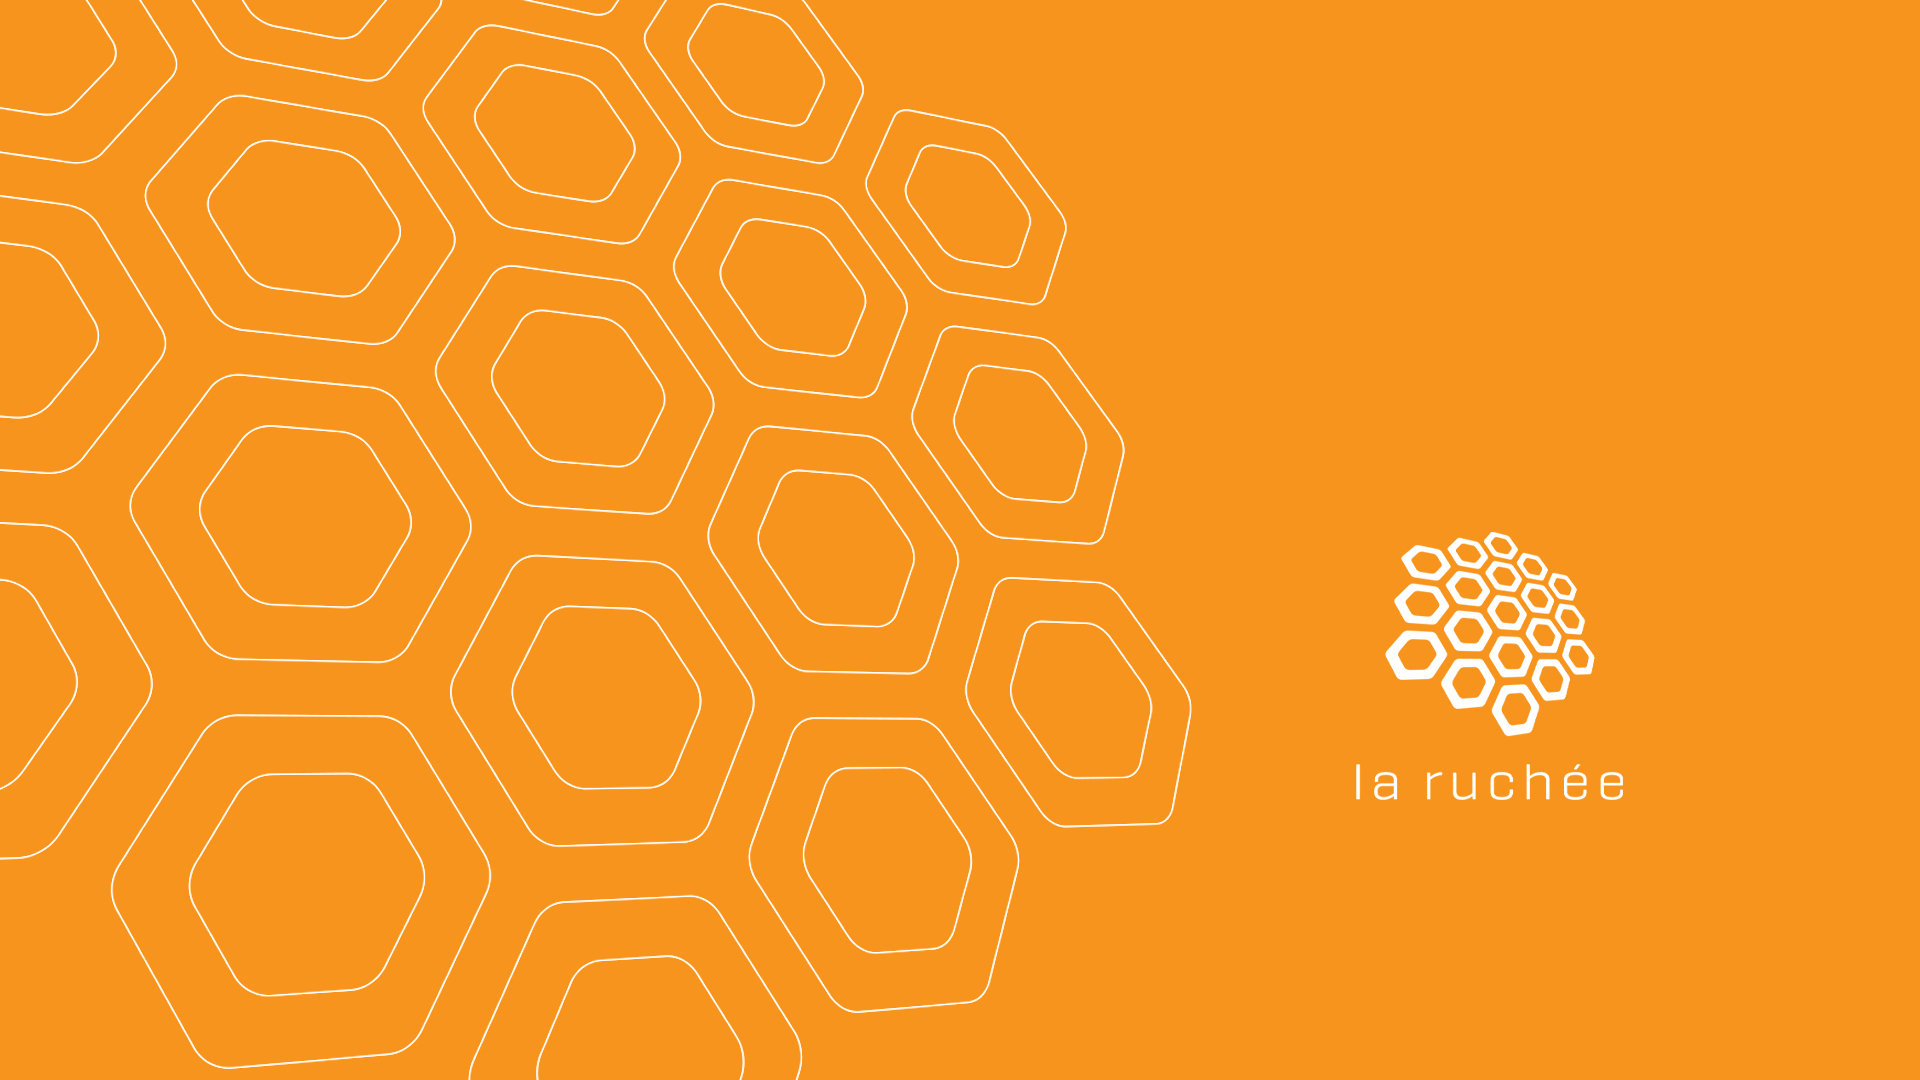 La FCCF présente La ruchée, un projet novateur qui renforcera l'enseignement des arts en francophonie canadienne et acadienne